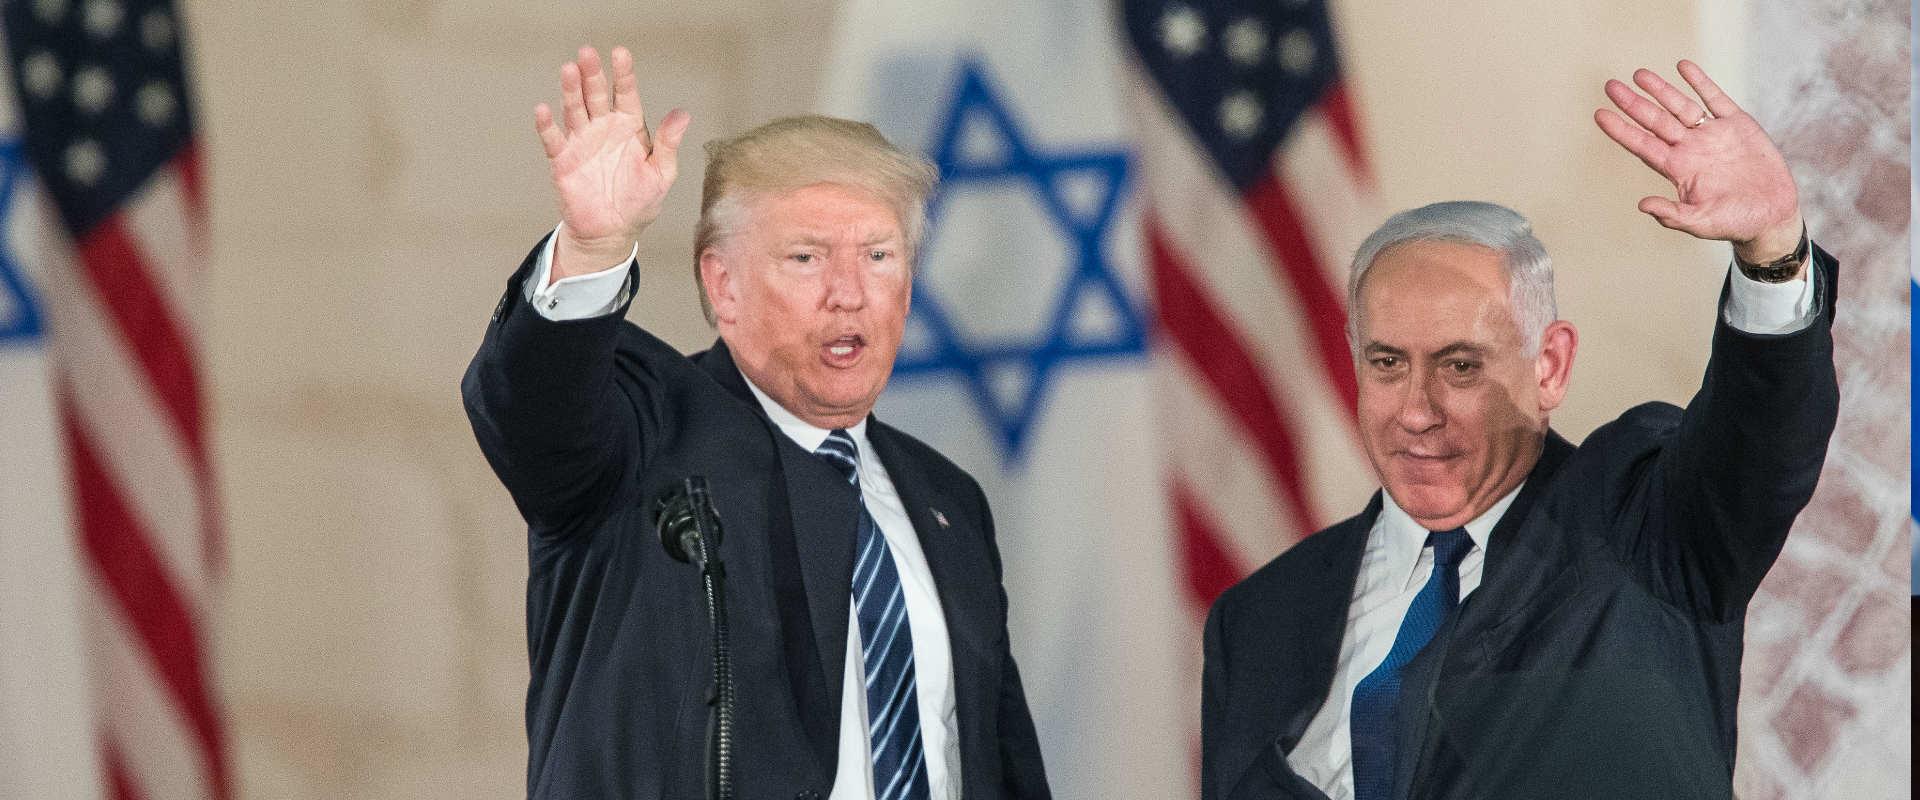 ראש הממשלה בנימין נתניהו ונשיא ארצות הברית דונלד ט